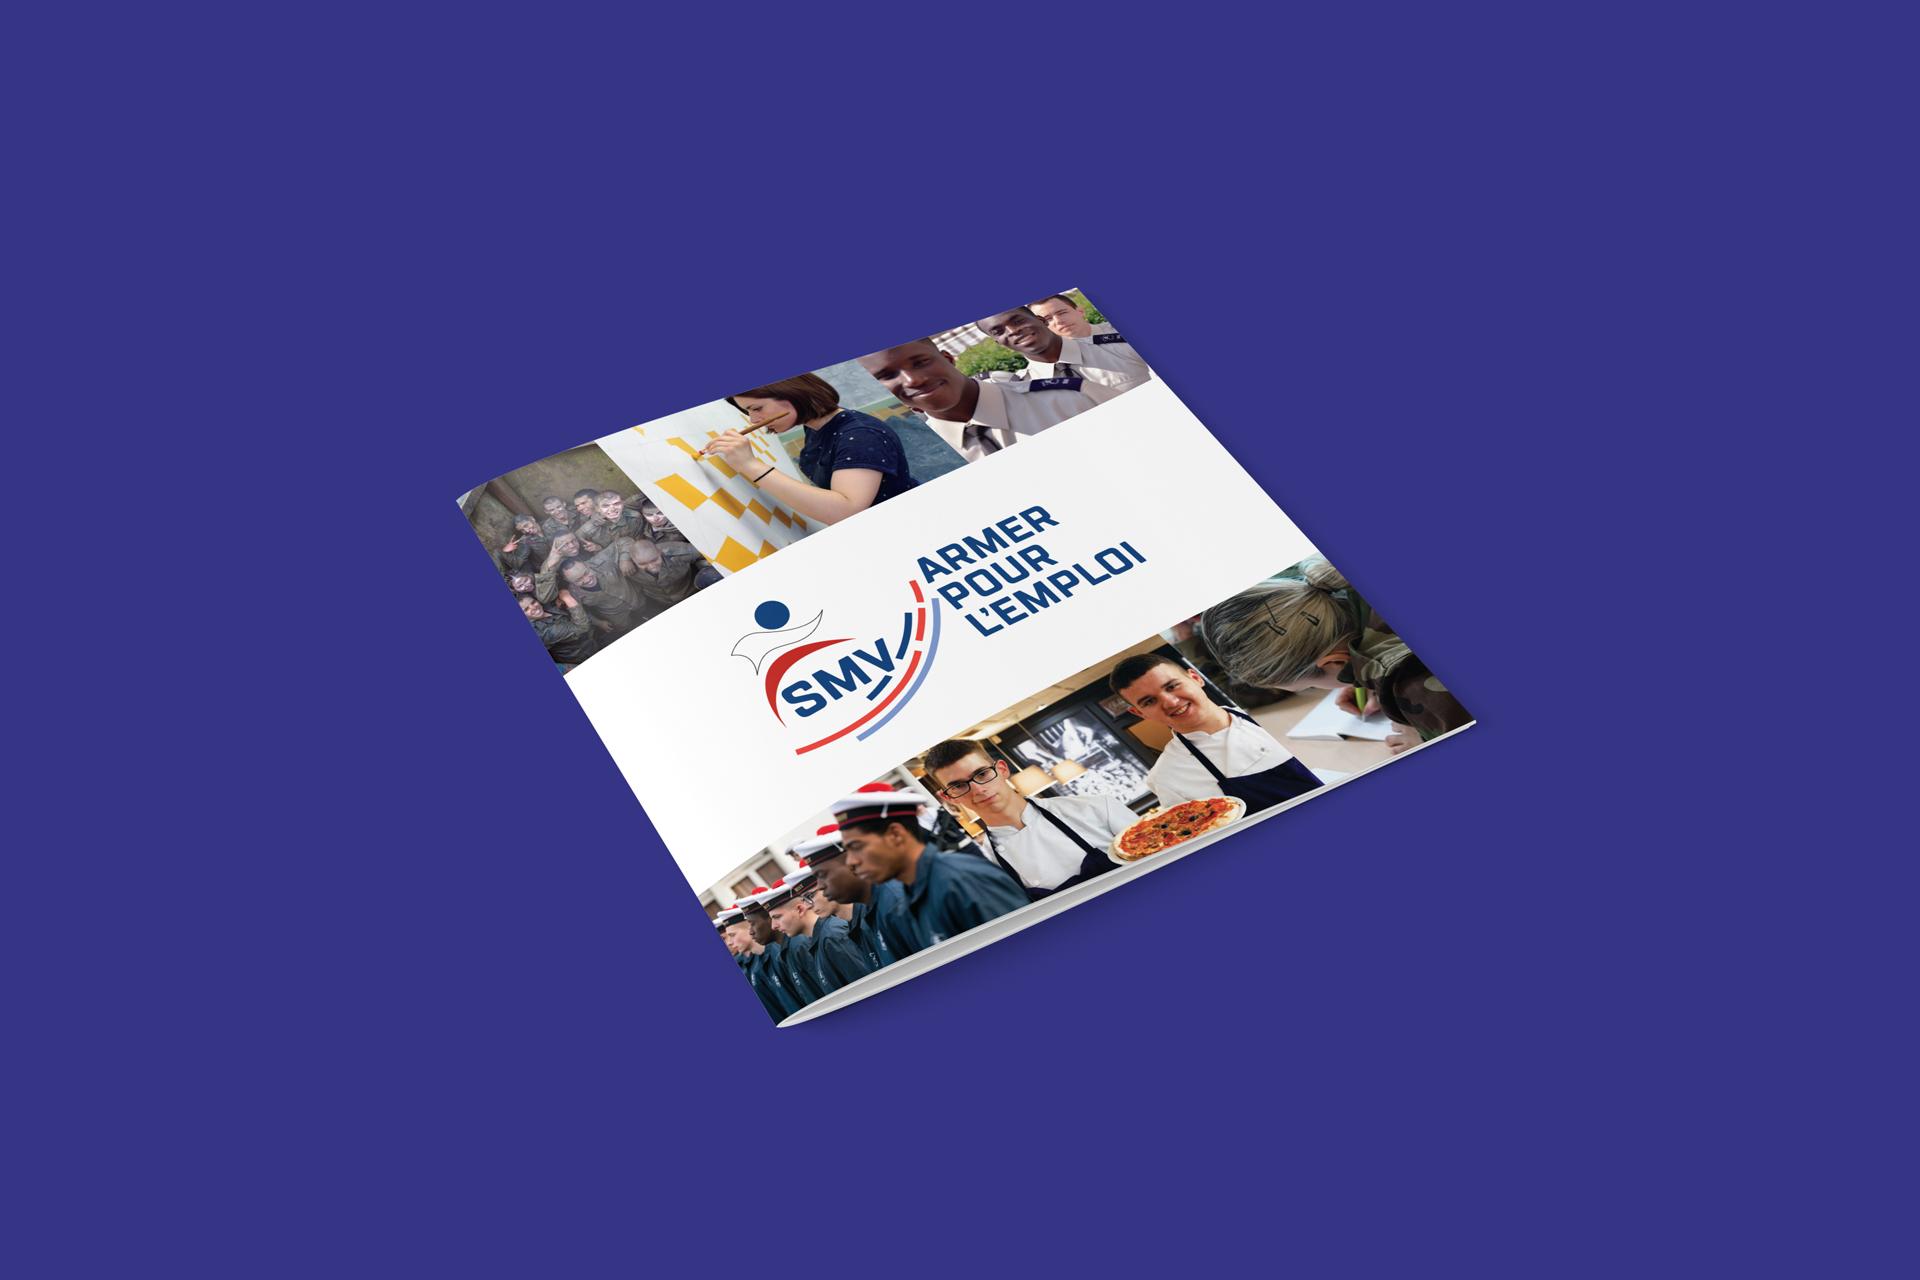 Couverture de la brochure SMV